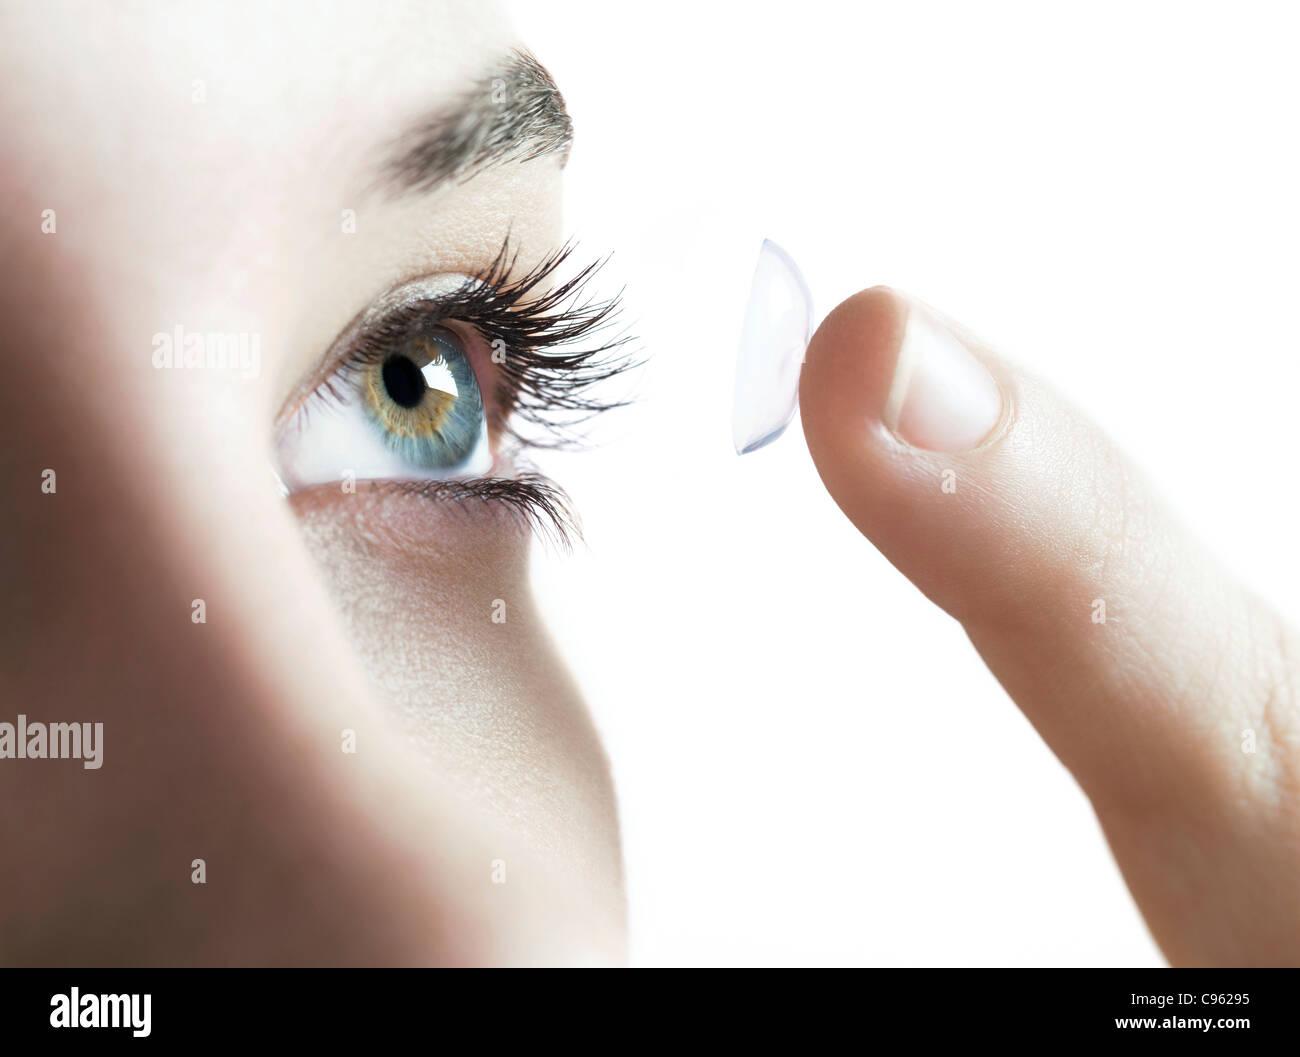 Kontakt-Objektive verwenden. Frau in einer Kontaktlinse weglegen. Stockbild